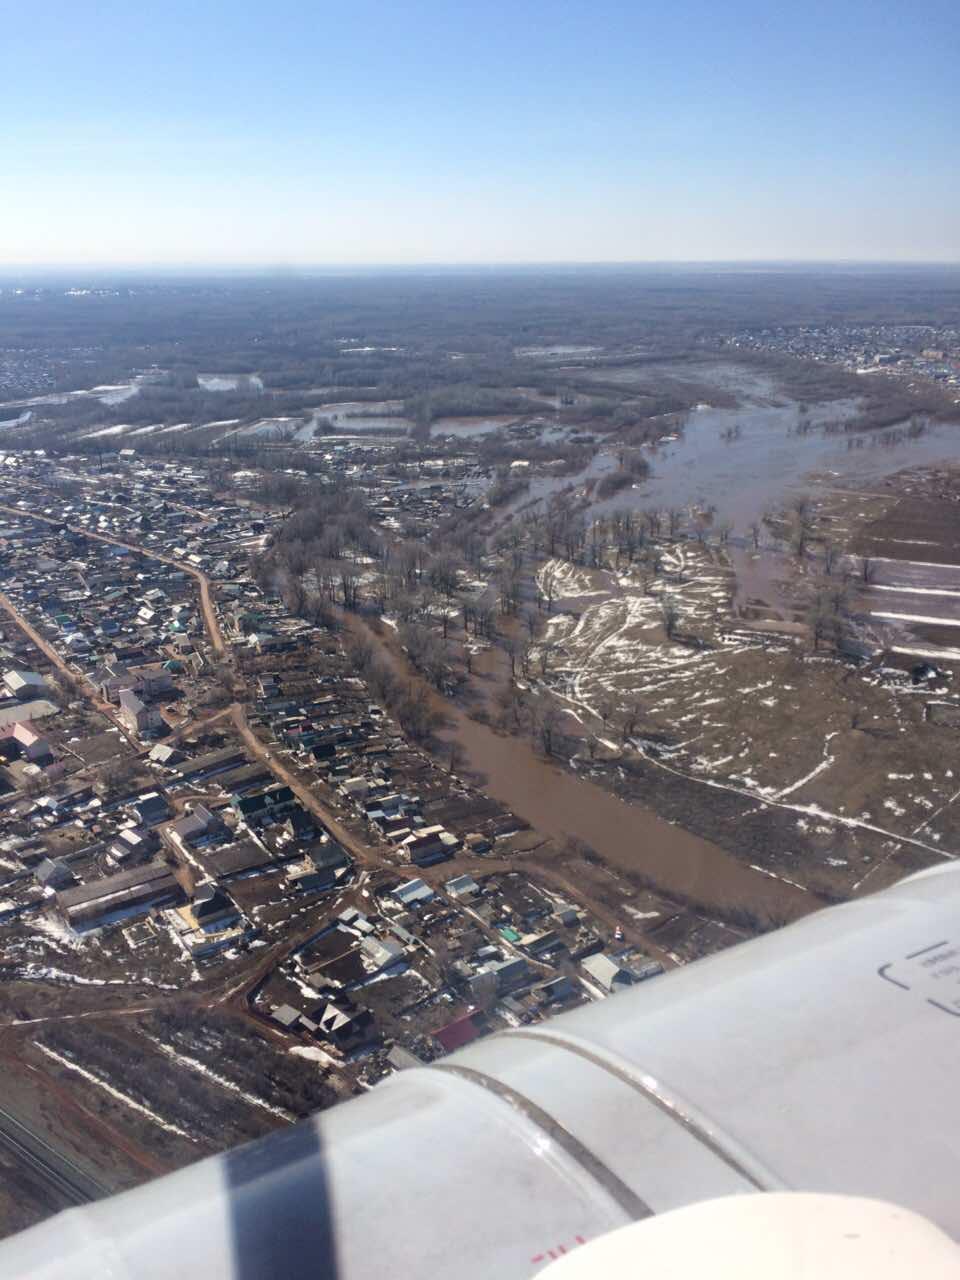 Уточненная информация по подтоплению придомовых территорий в селе Краснохолм города Оренбург по состоянию на 09:00 (мск)